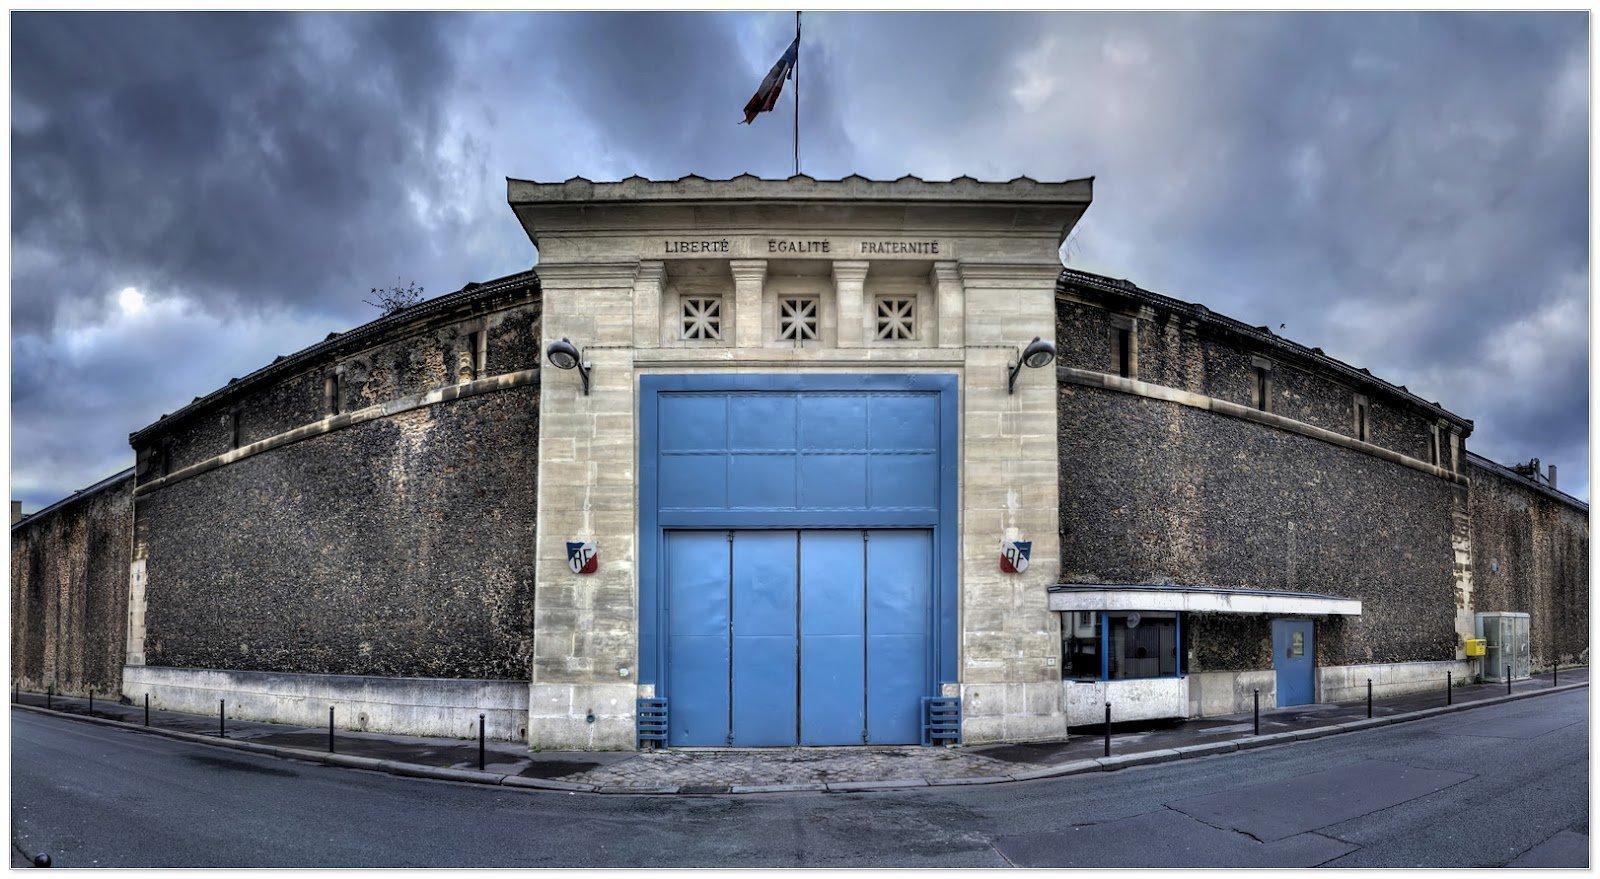 Điểm qua 10 nhà tù kiên cố nhất thế giới - Ảnh 3.